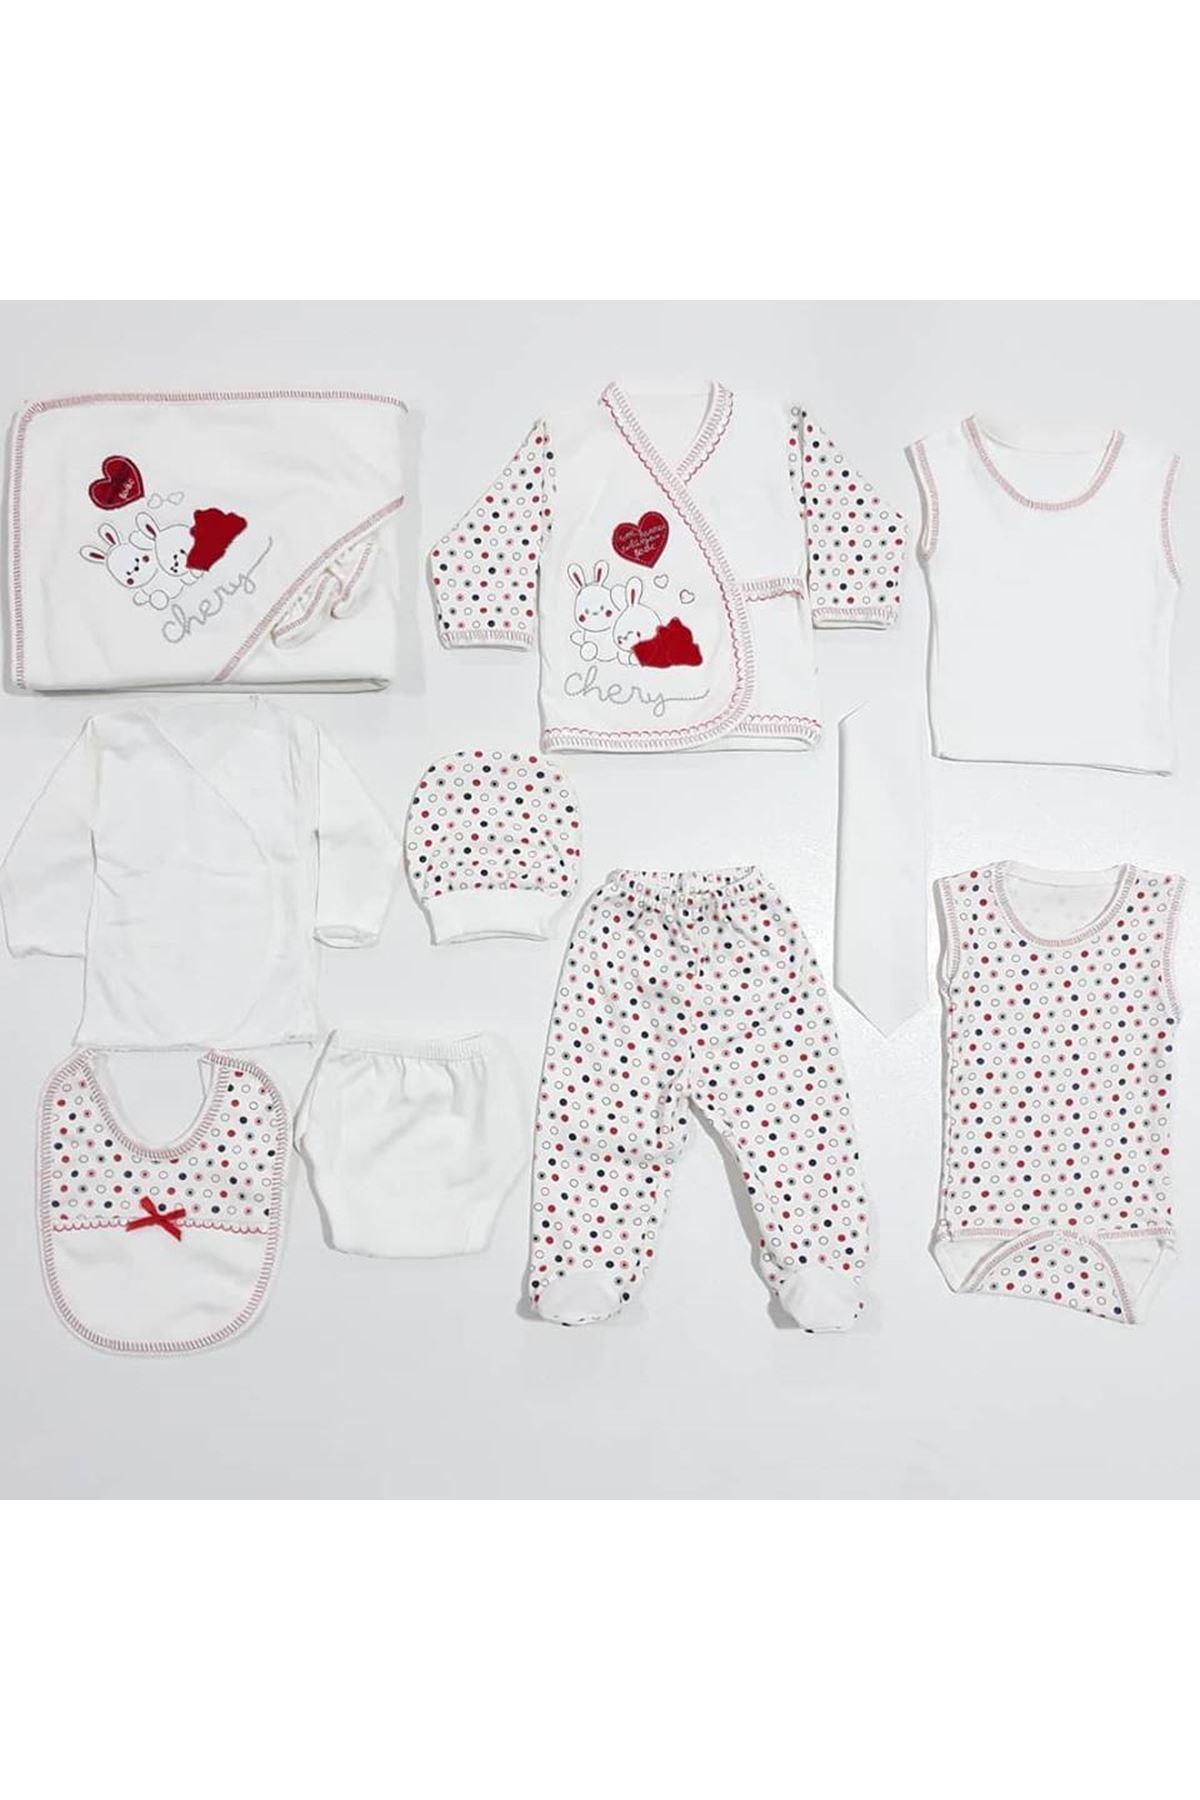 Chery Kırmızı Kalpli Tavşan Puanlı 11 Parça Hastane Çıkış Seti